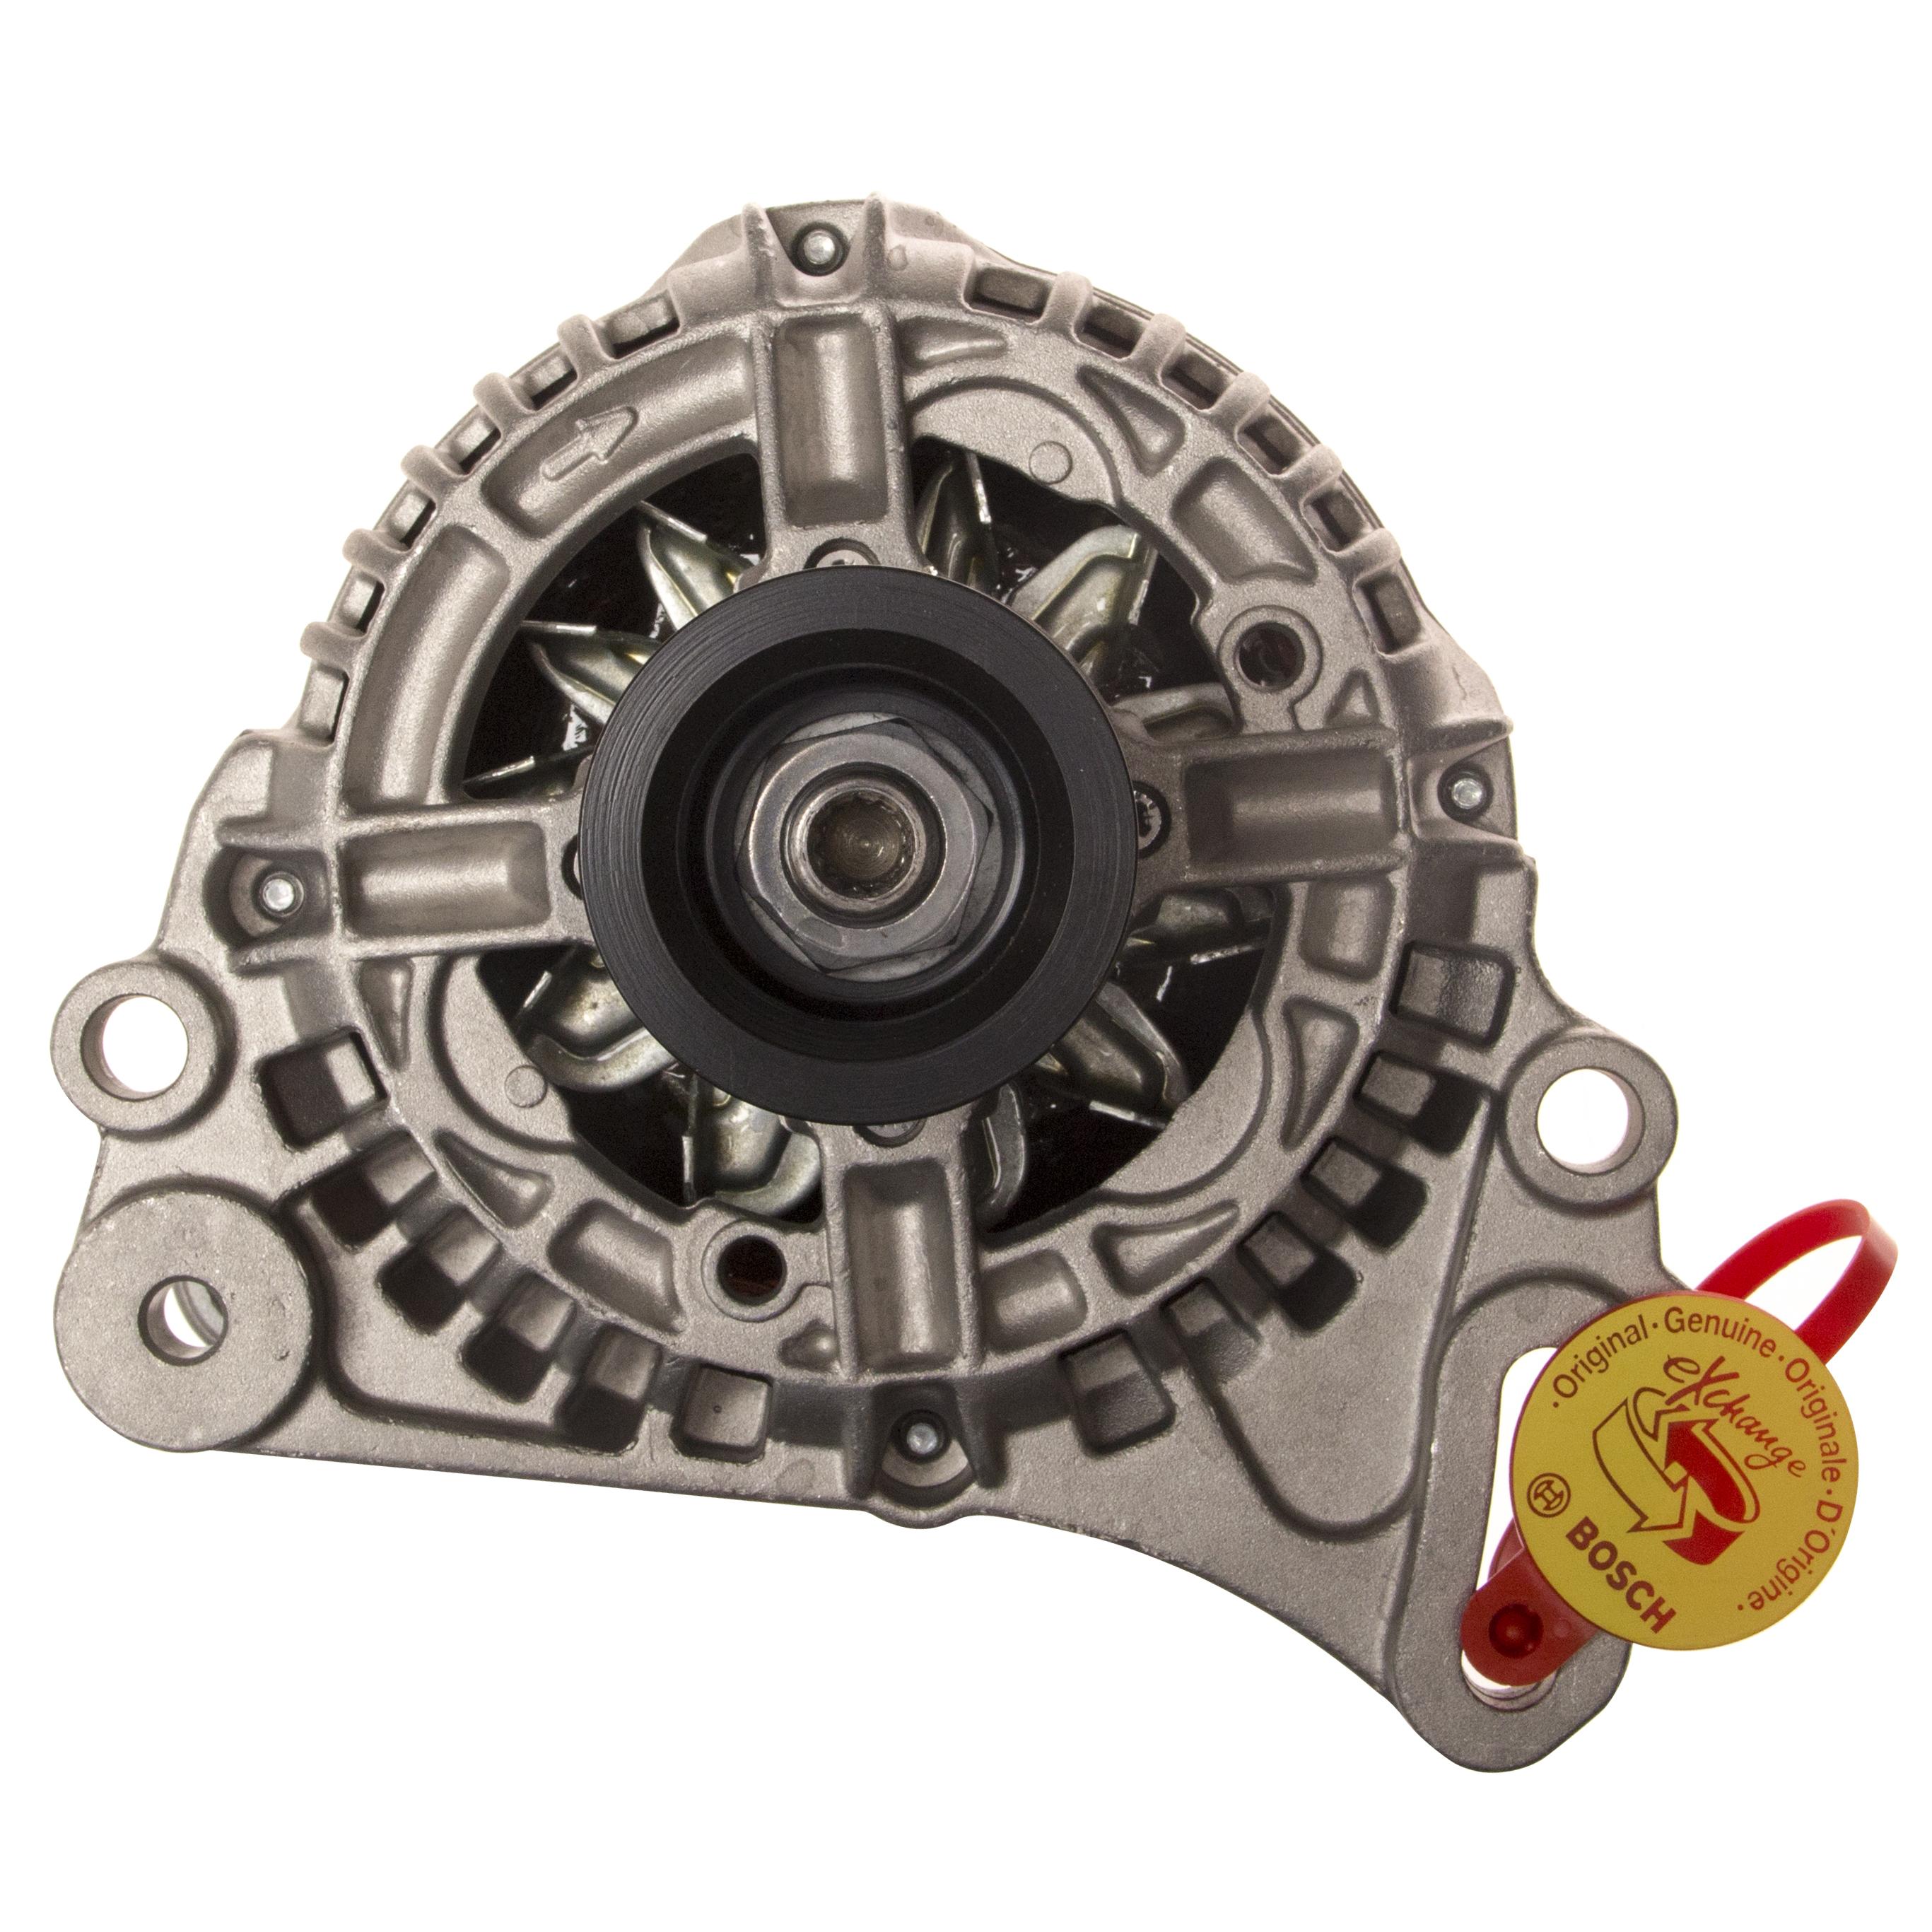 Delco Alternator Wiring Diagram Besides Bosch Alternator Wiring